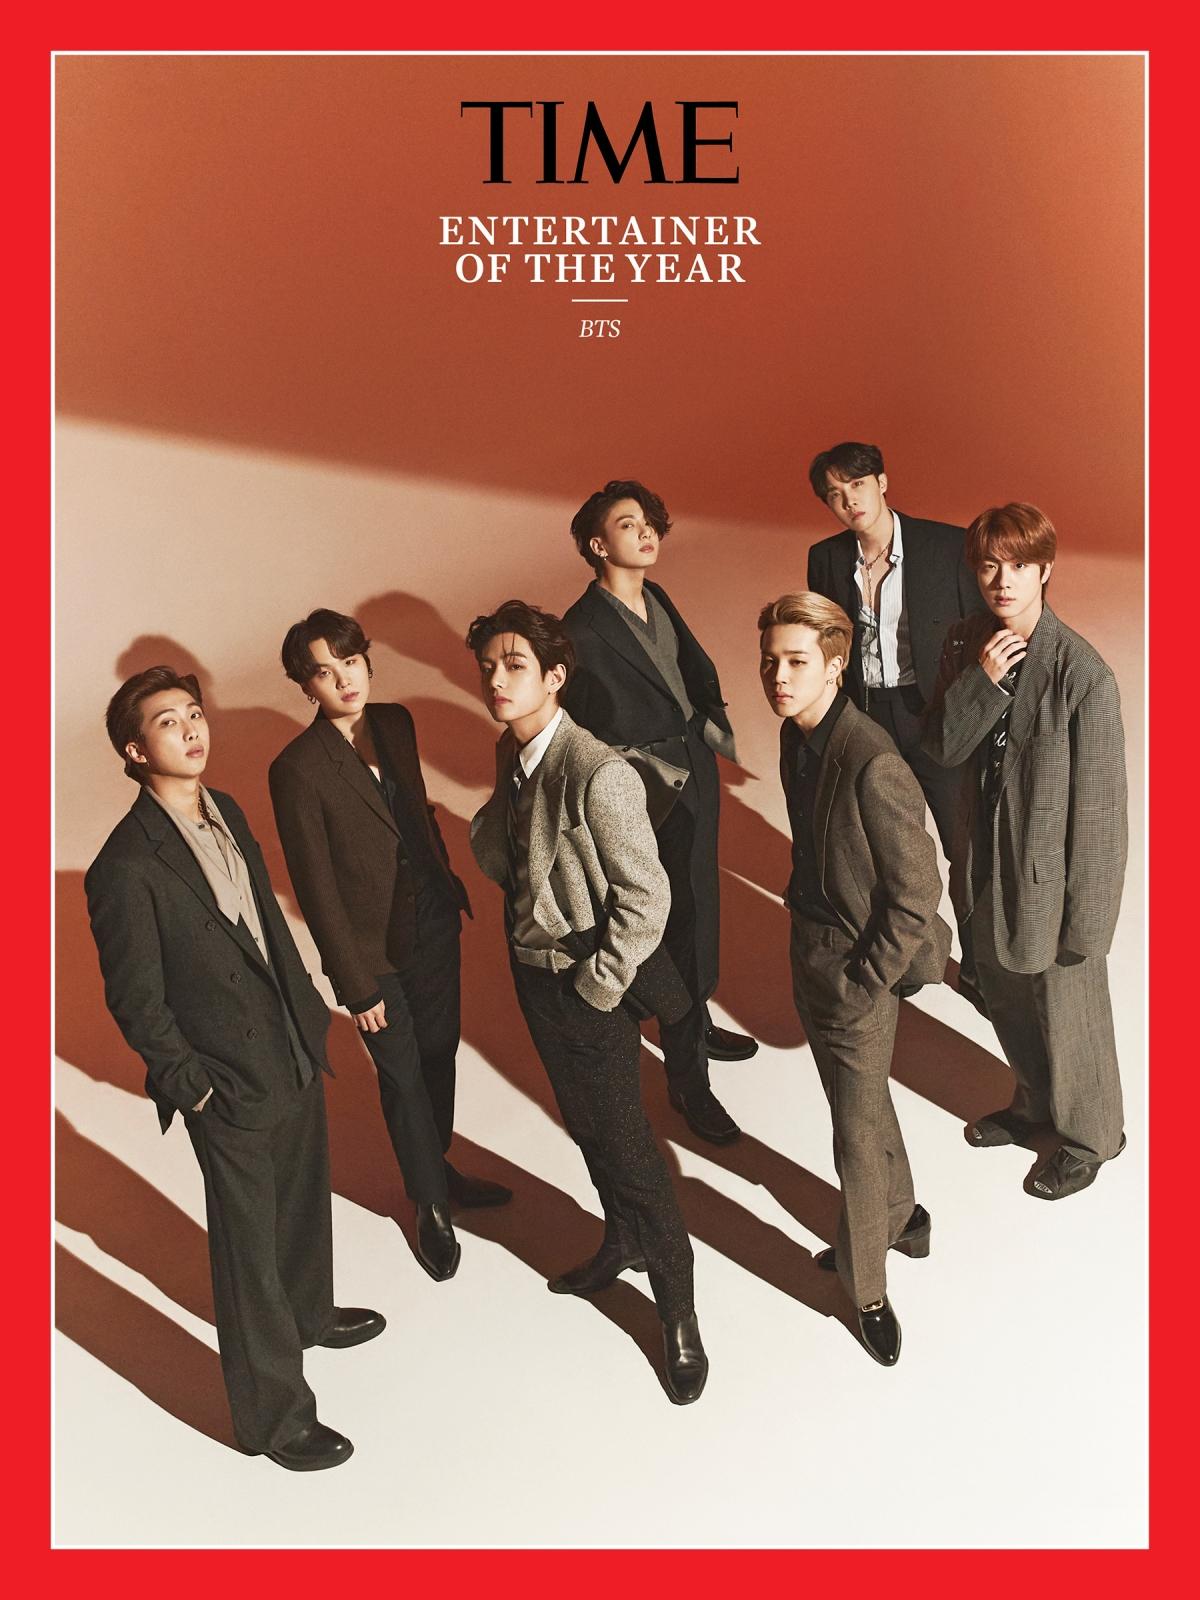 BTS được tạp chí Time vinh danh trên trang bìa.